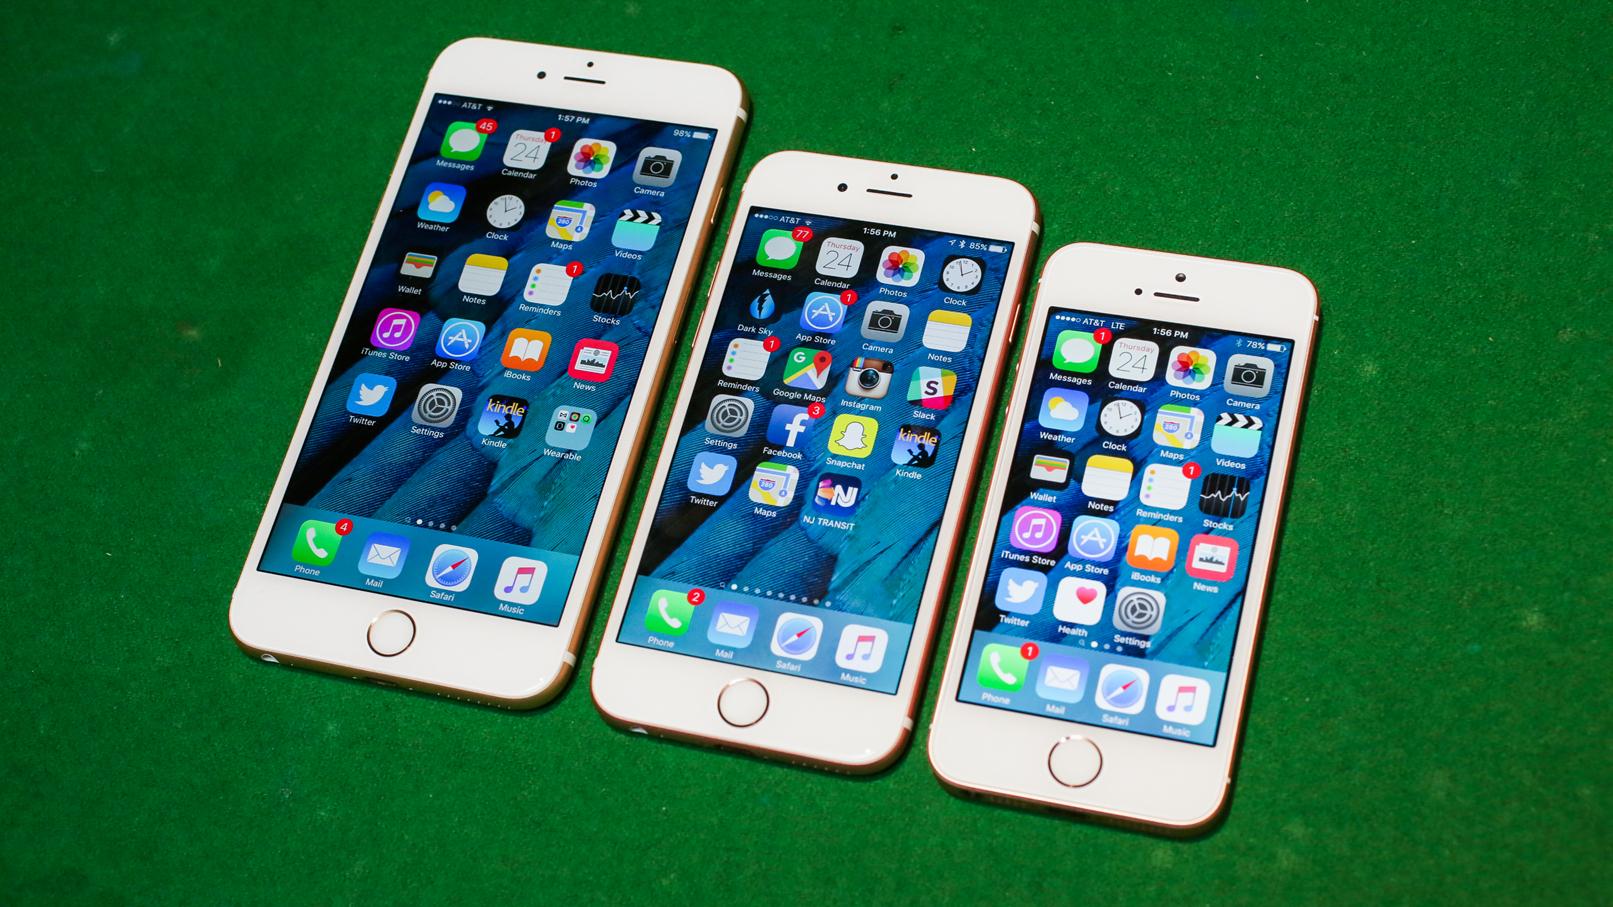 苹果目前在印度市场的份额不到2%,而在印度,大多数手机价格不到150